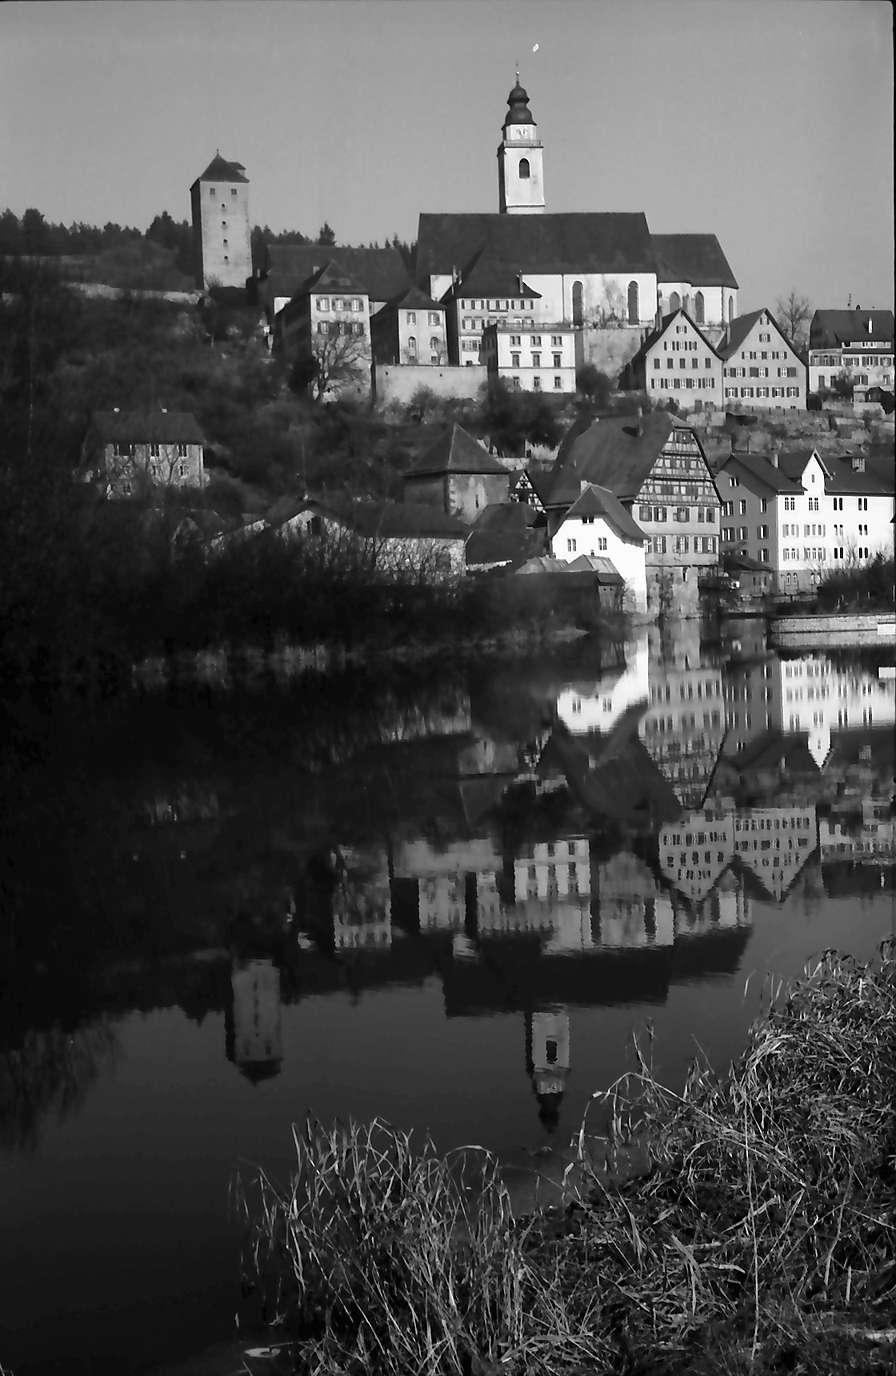 Horb: Stadtbild spiegelt sich im Neckar, Bild 1